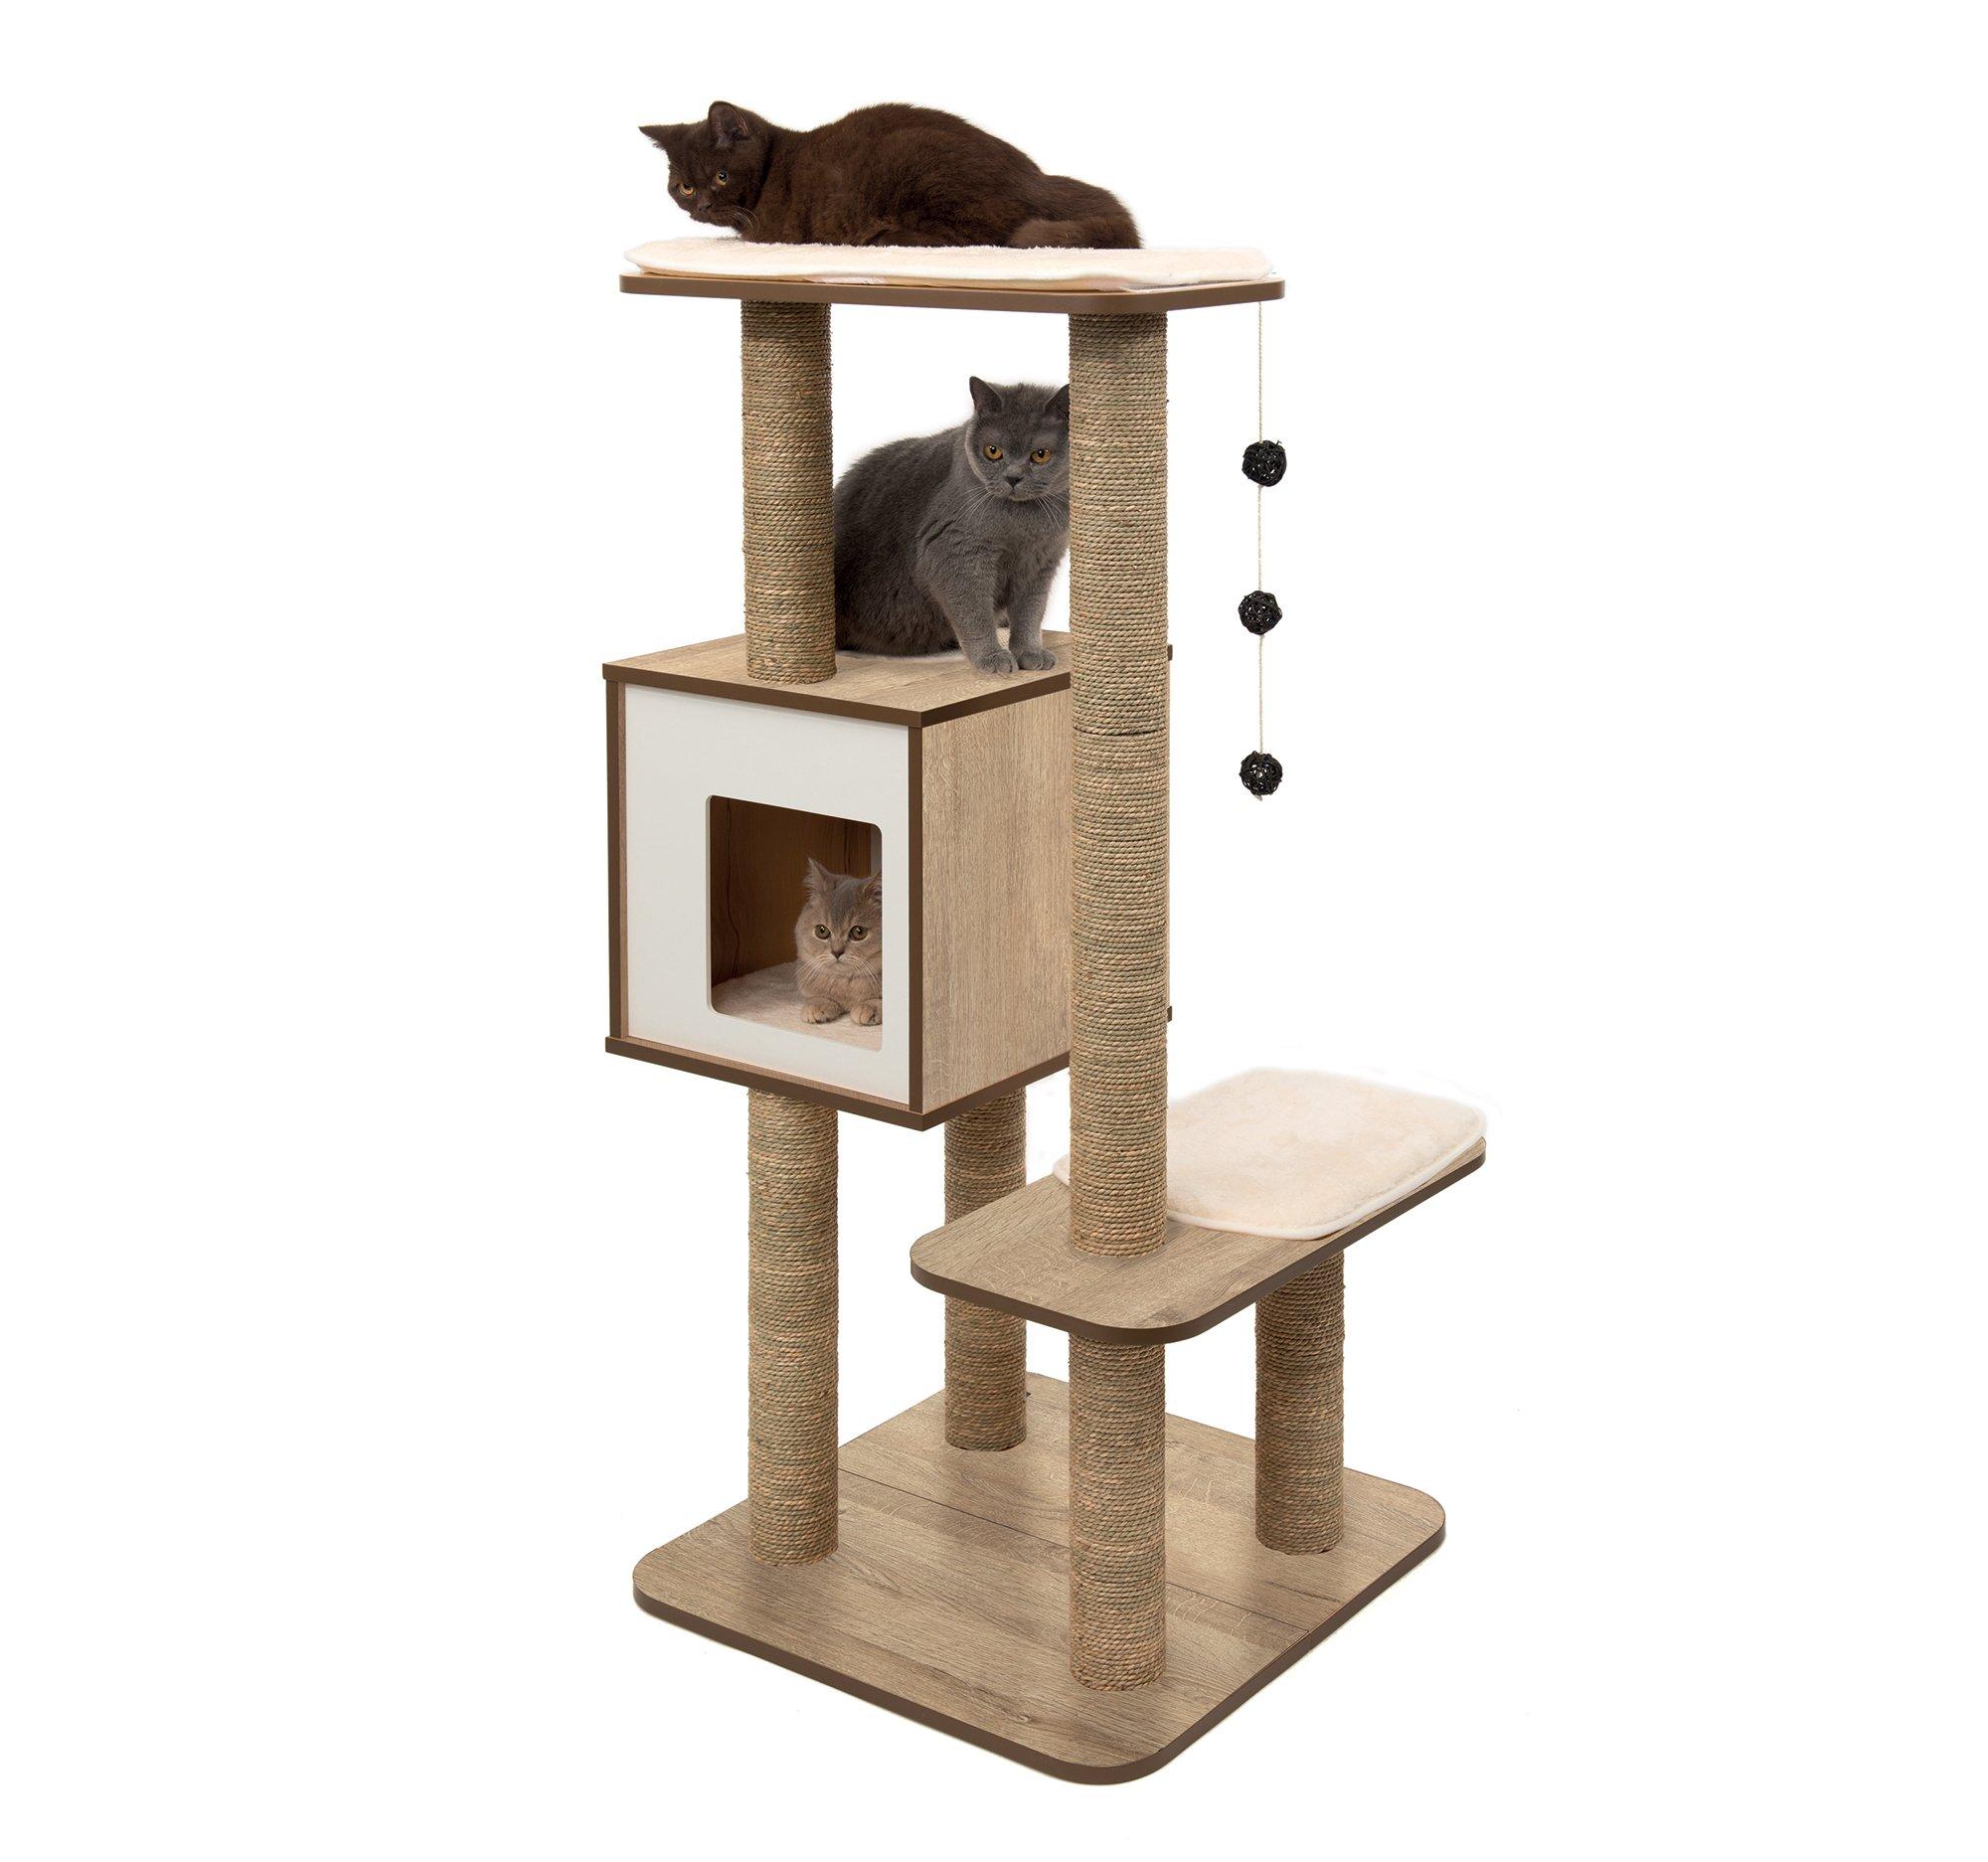 Vesper Cat Tree Scratching Post with Condo - Oak Furniture